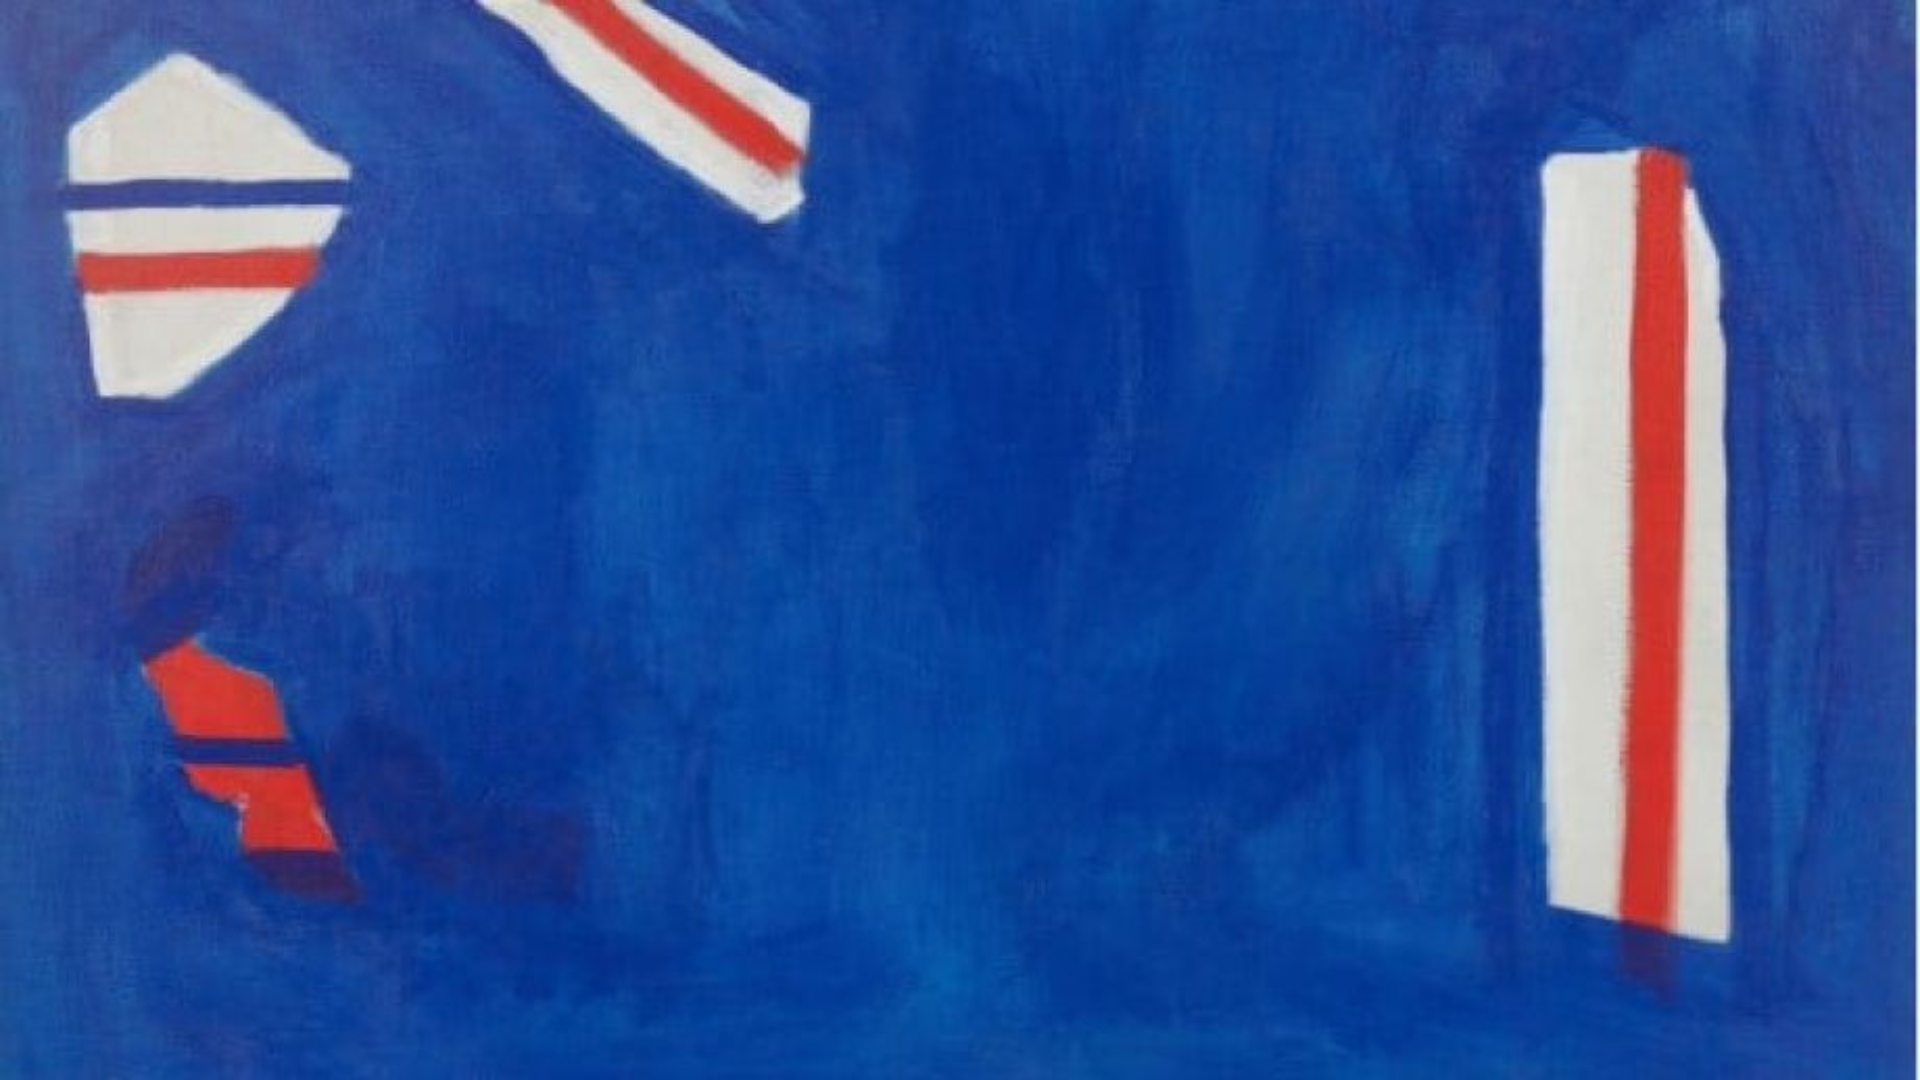 Betty Parsons, poursuivre l'aventure américaine après l'essoufflement de l'expressionnisme abstrait